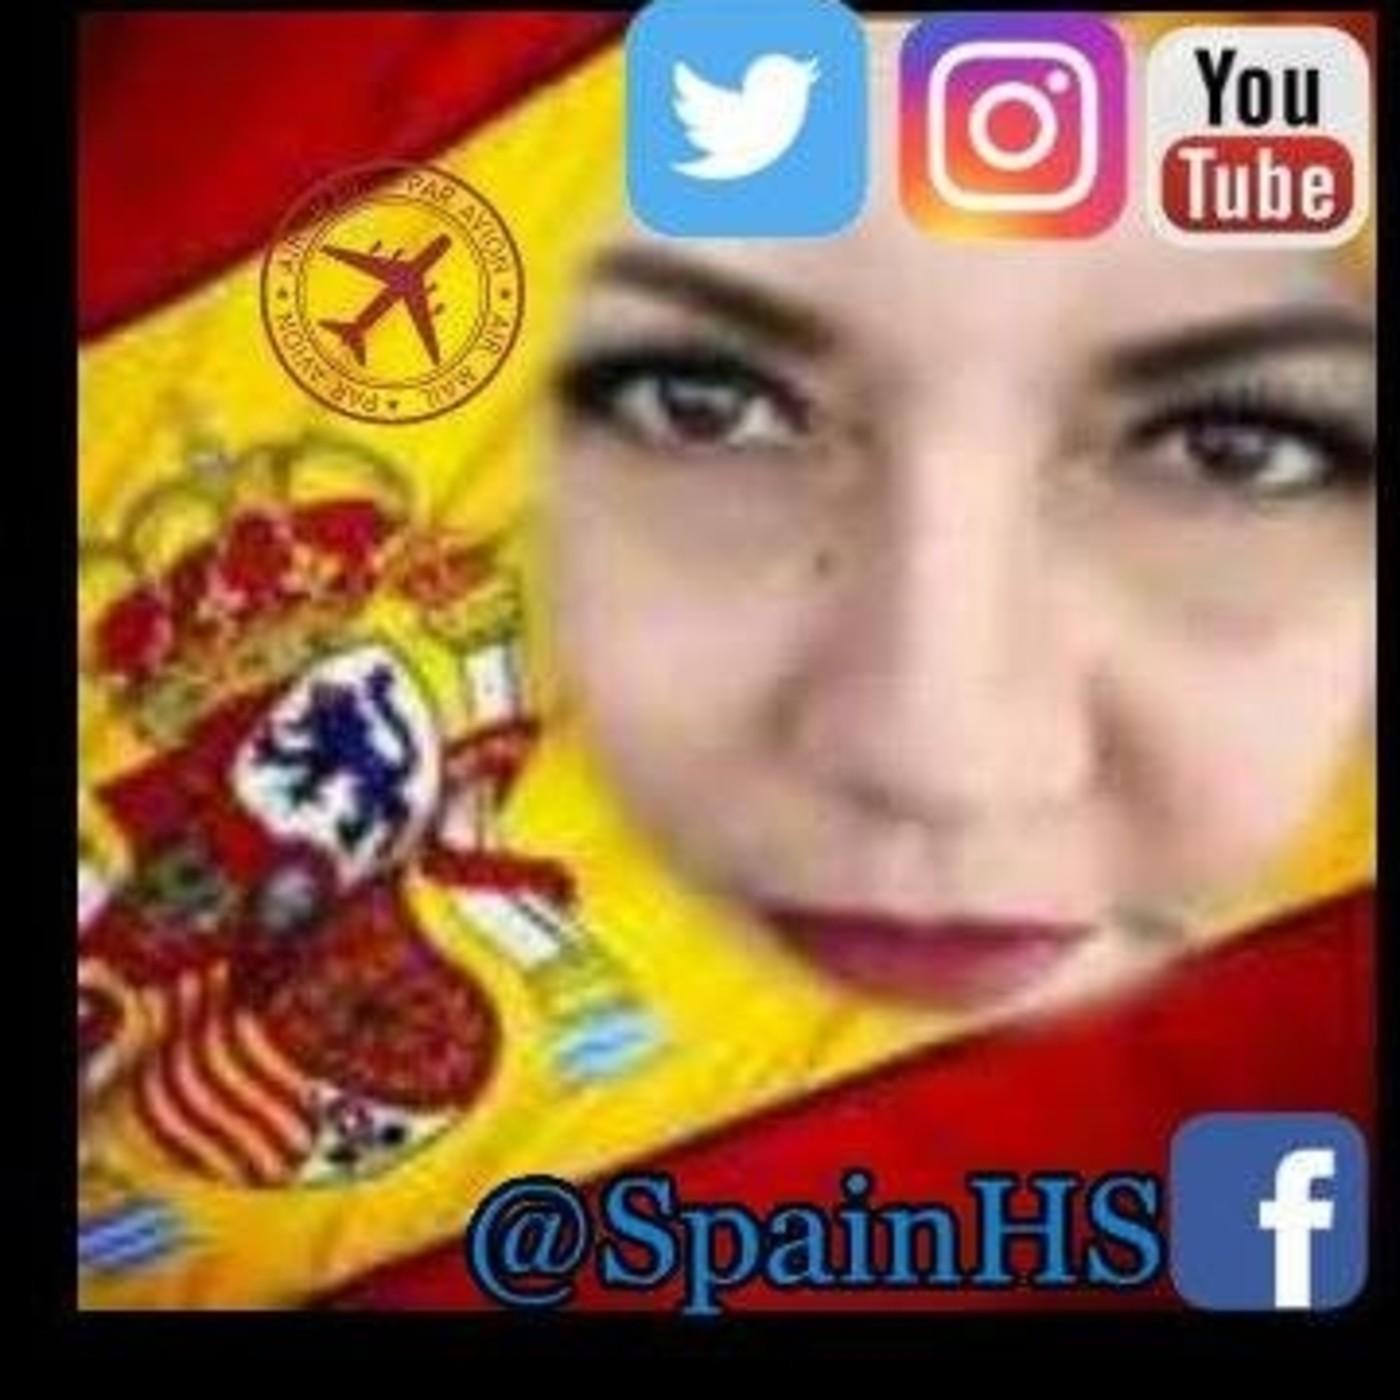 @HechoenEspaña